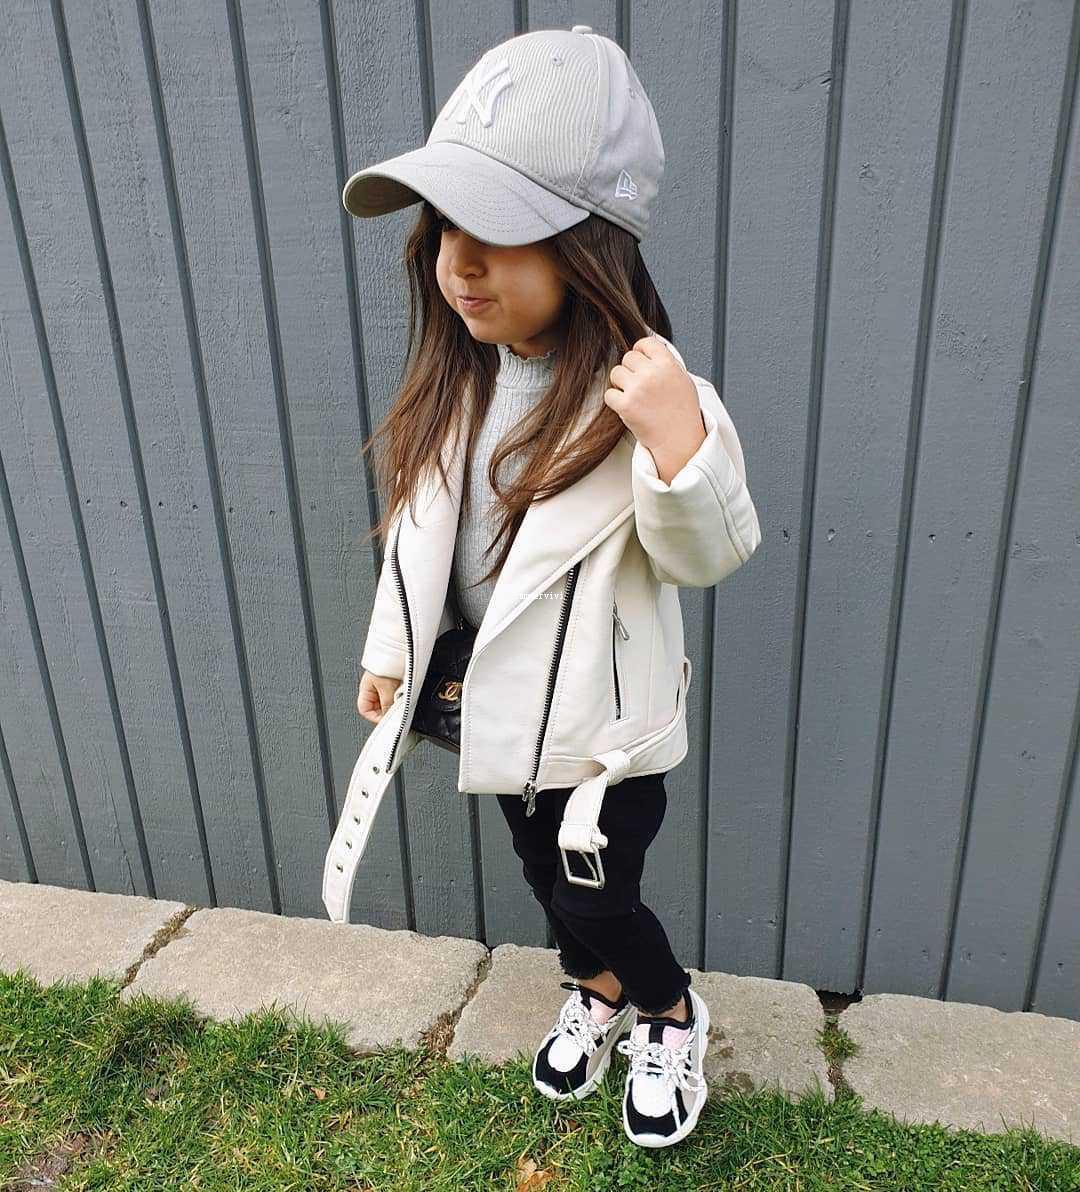 kızlar beyaz yaka kemer uzun kollu ceket çocuklar giysi tasarımcısı A3996 dış giyim Moda Yeni Çocuk Ceket 2020 çocuk PU deri ceket